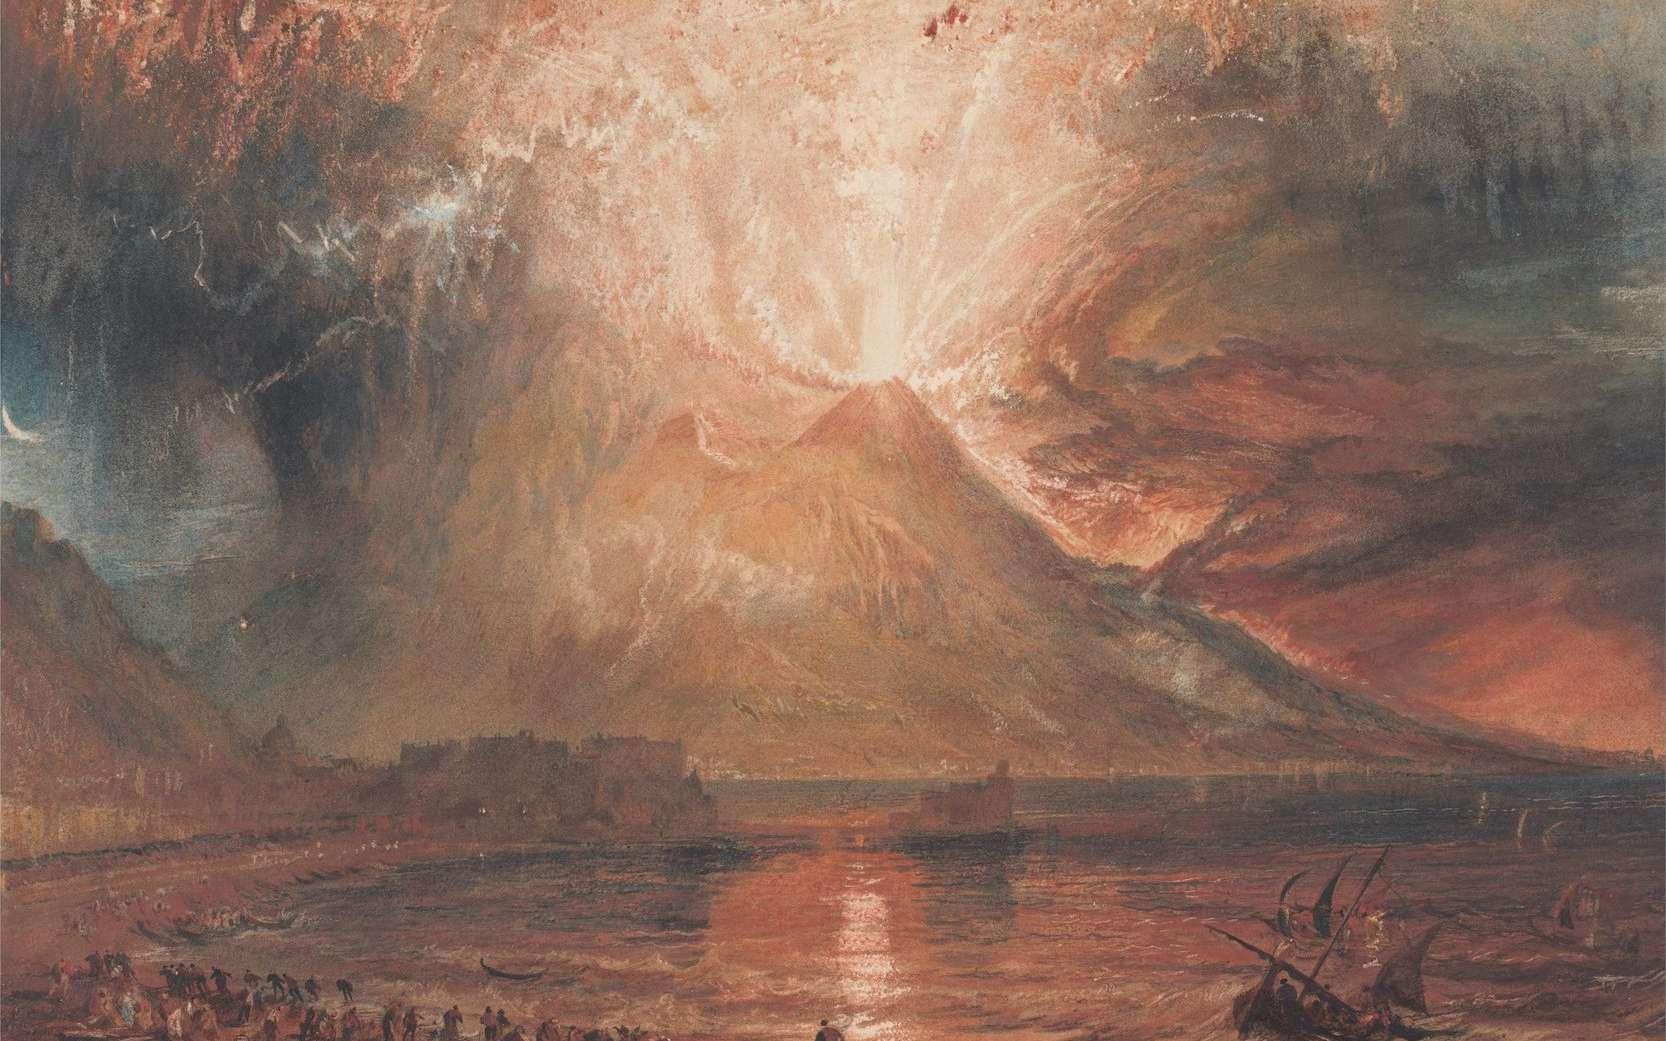 Vue depuis la baie de Naples de l'éruption du Vésuve de l'an 79, imaginée par le peintre William Turner entre 1817 et 1820. © Yale Center for British Art, collection Paul Mellon